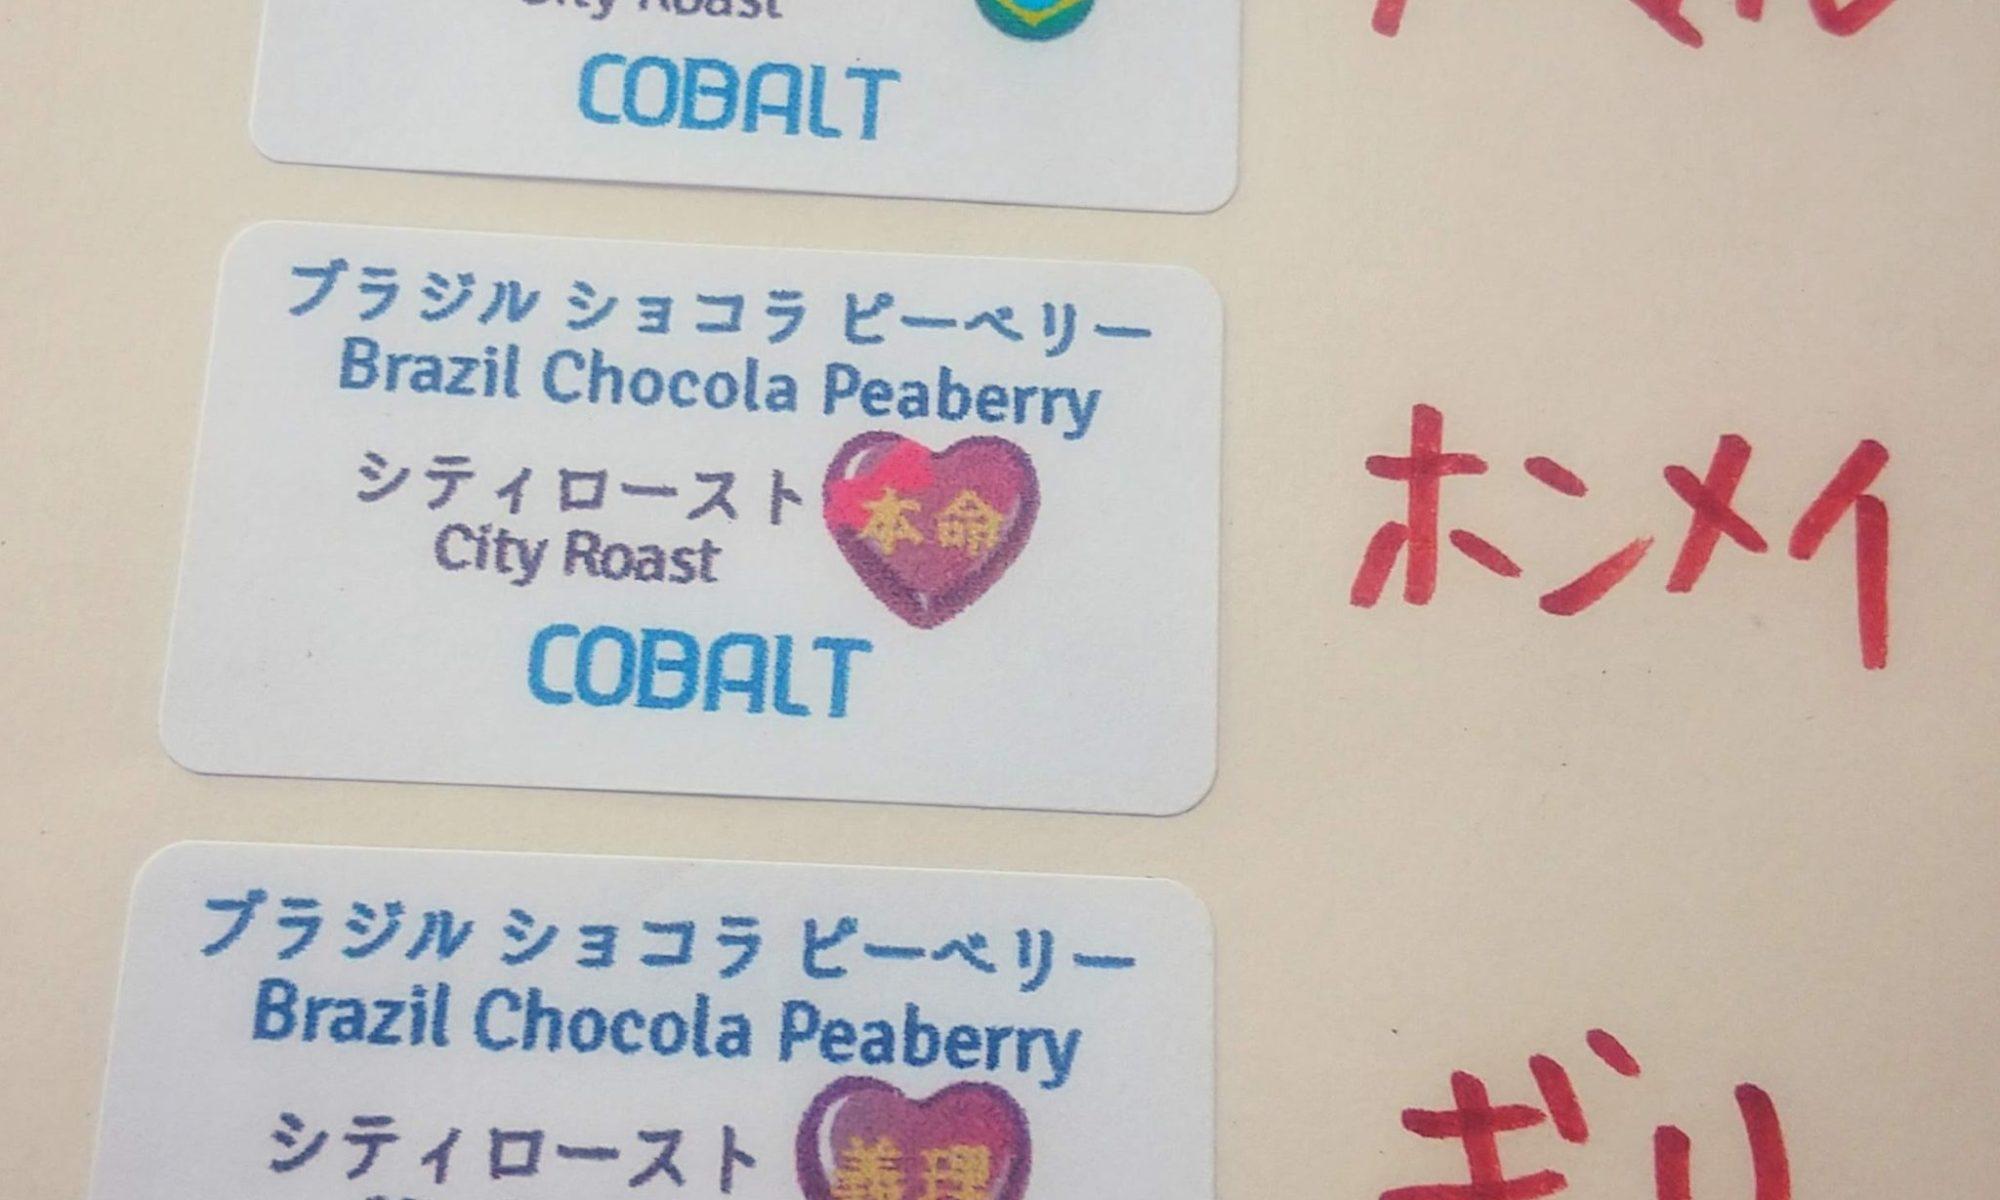 ブラジルショコラピーベリー用バレンタインデー向け特別ラベル